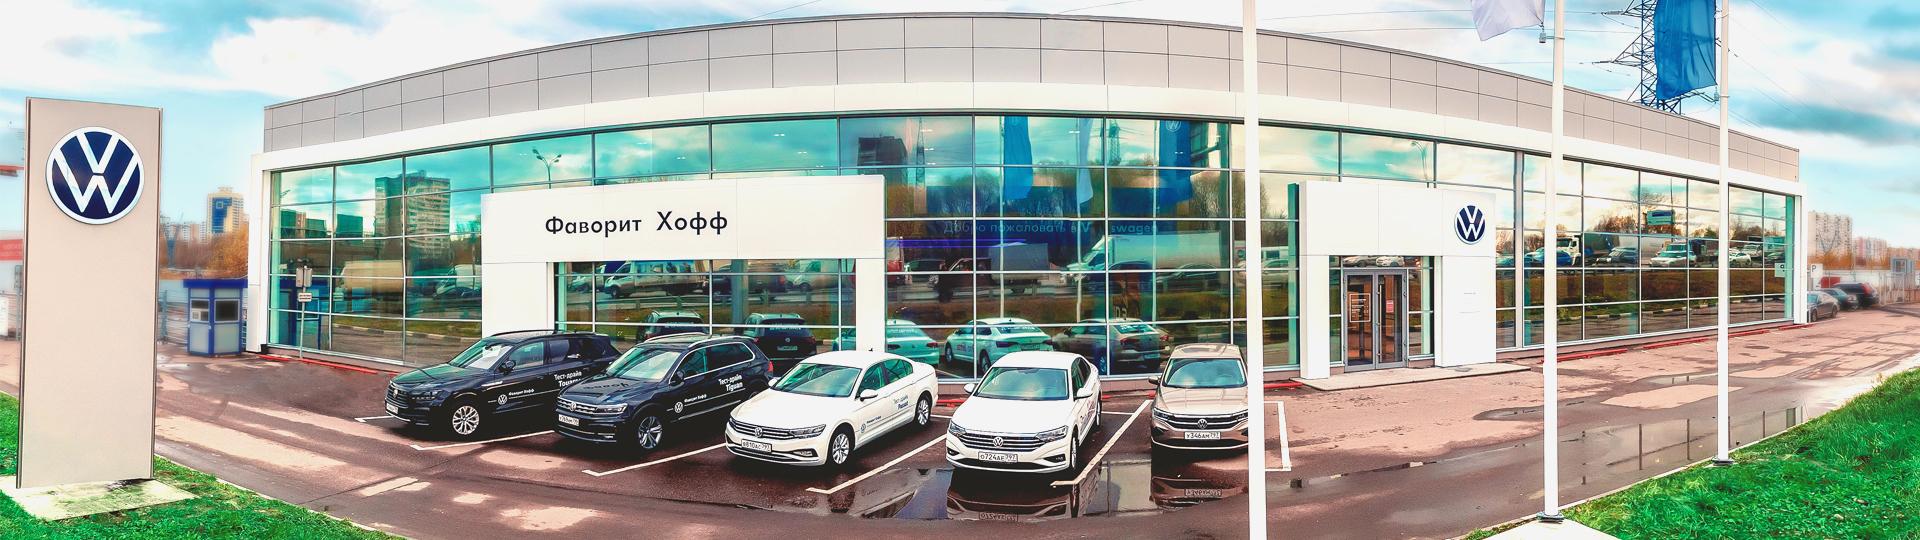 ГК FAVORIT MOTORS открыли первый дилерский центр в новом дизайне Volkswagen - Фаворит Хофф МКАД!